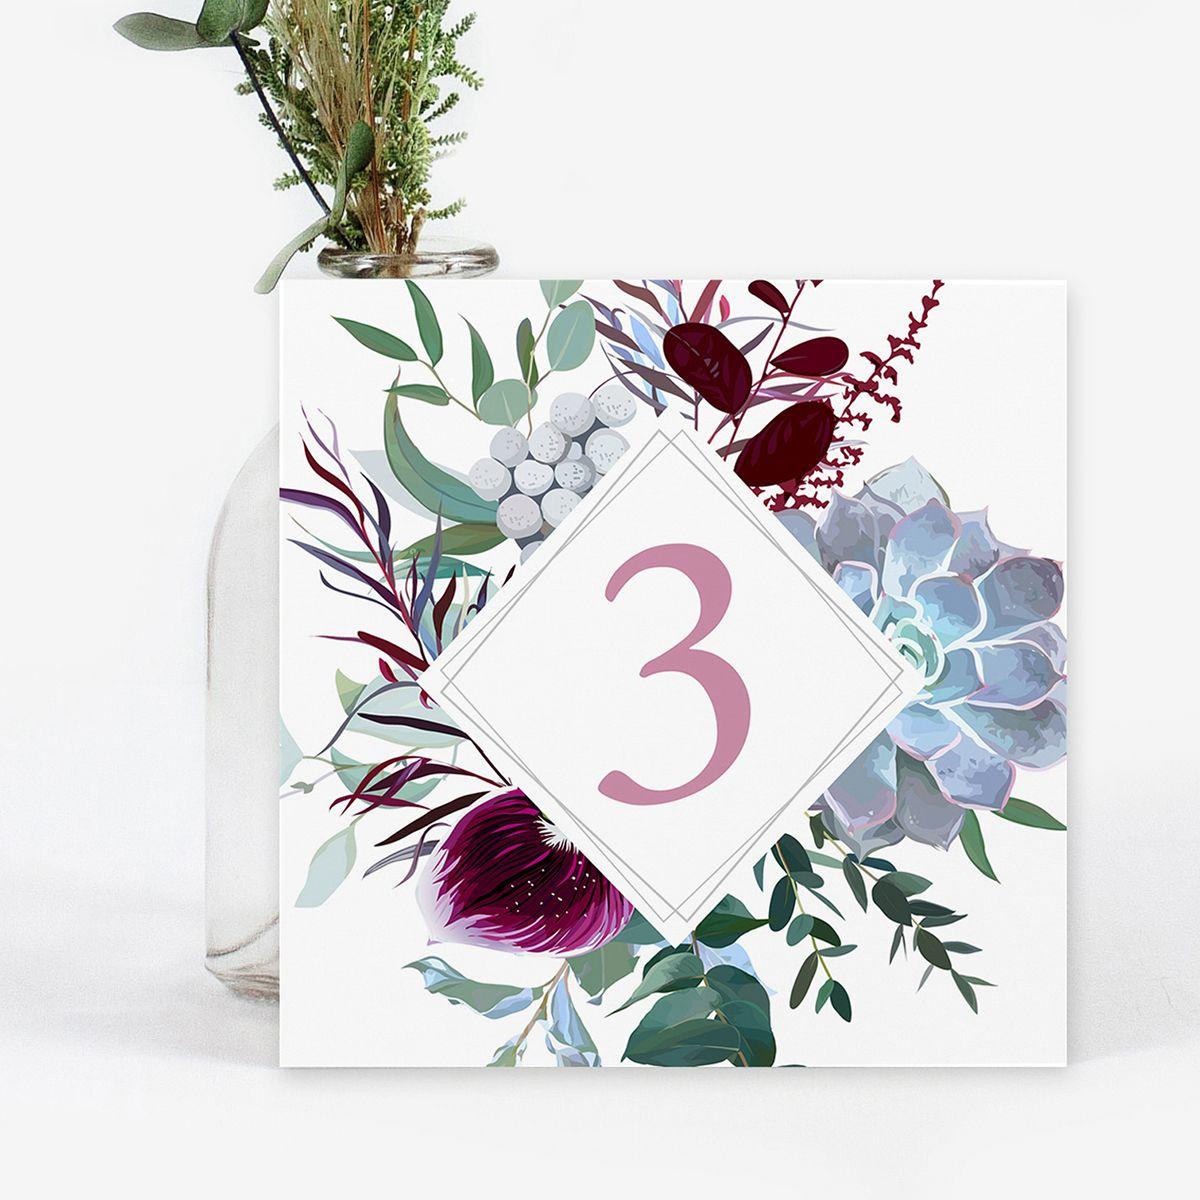 Número mesa bodaPaola